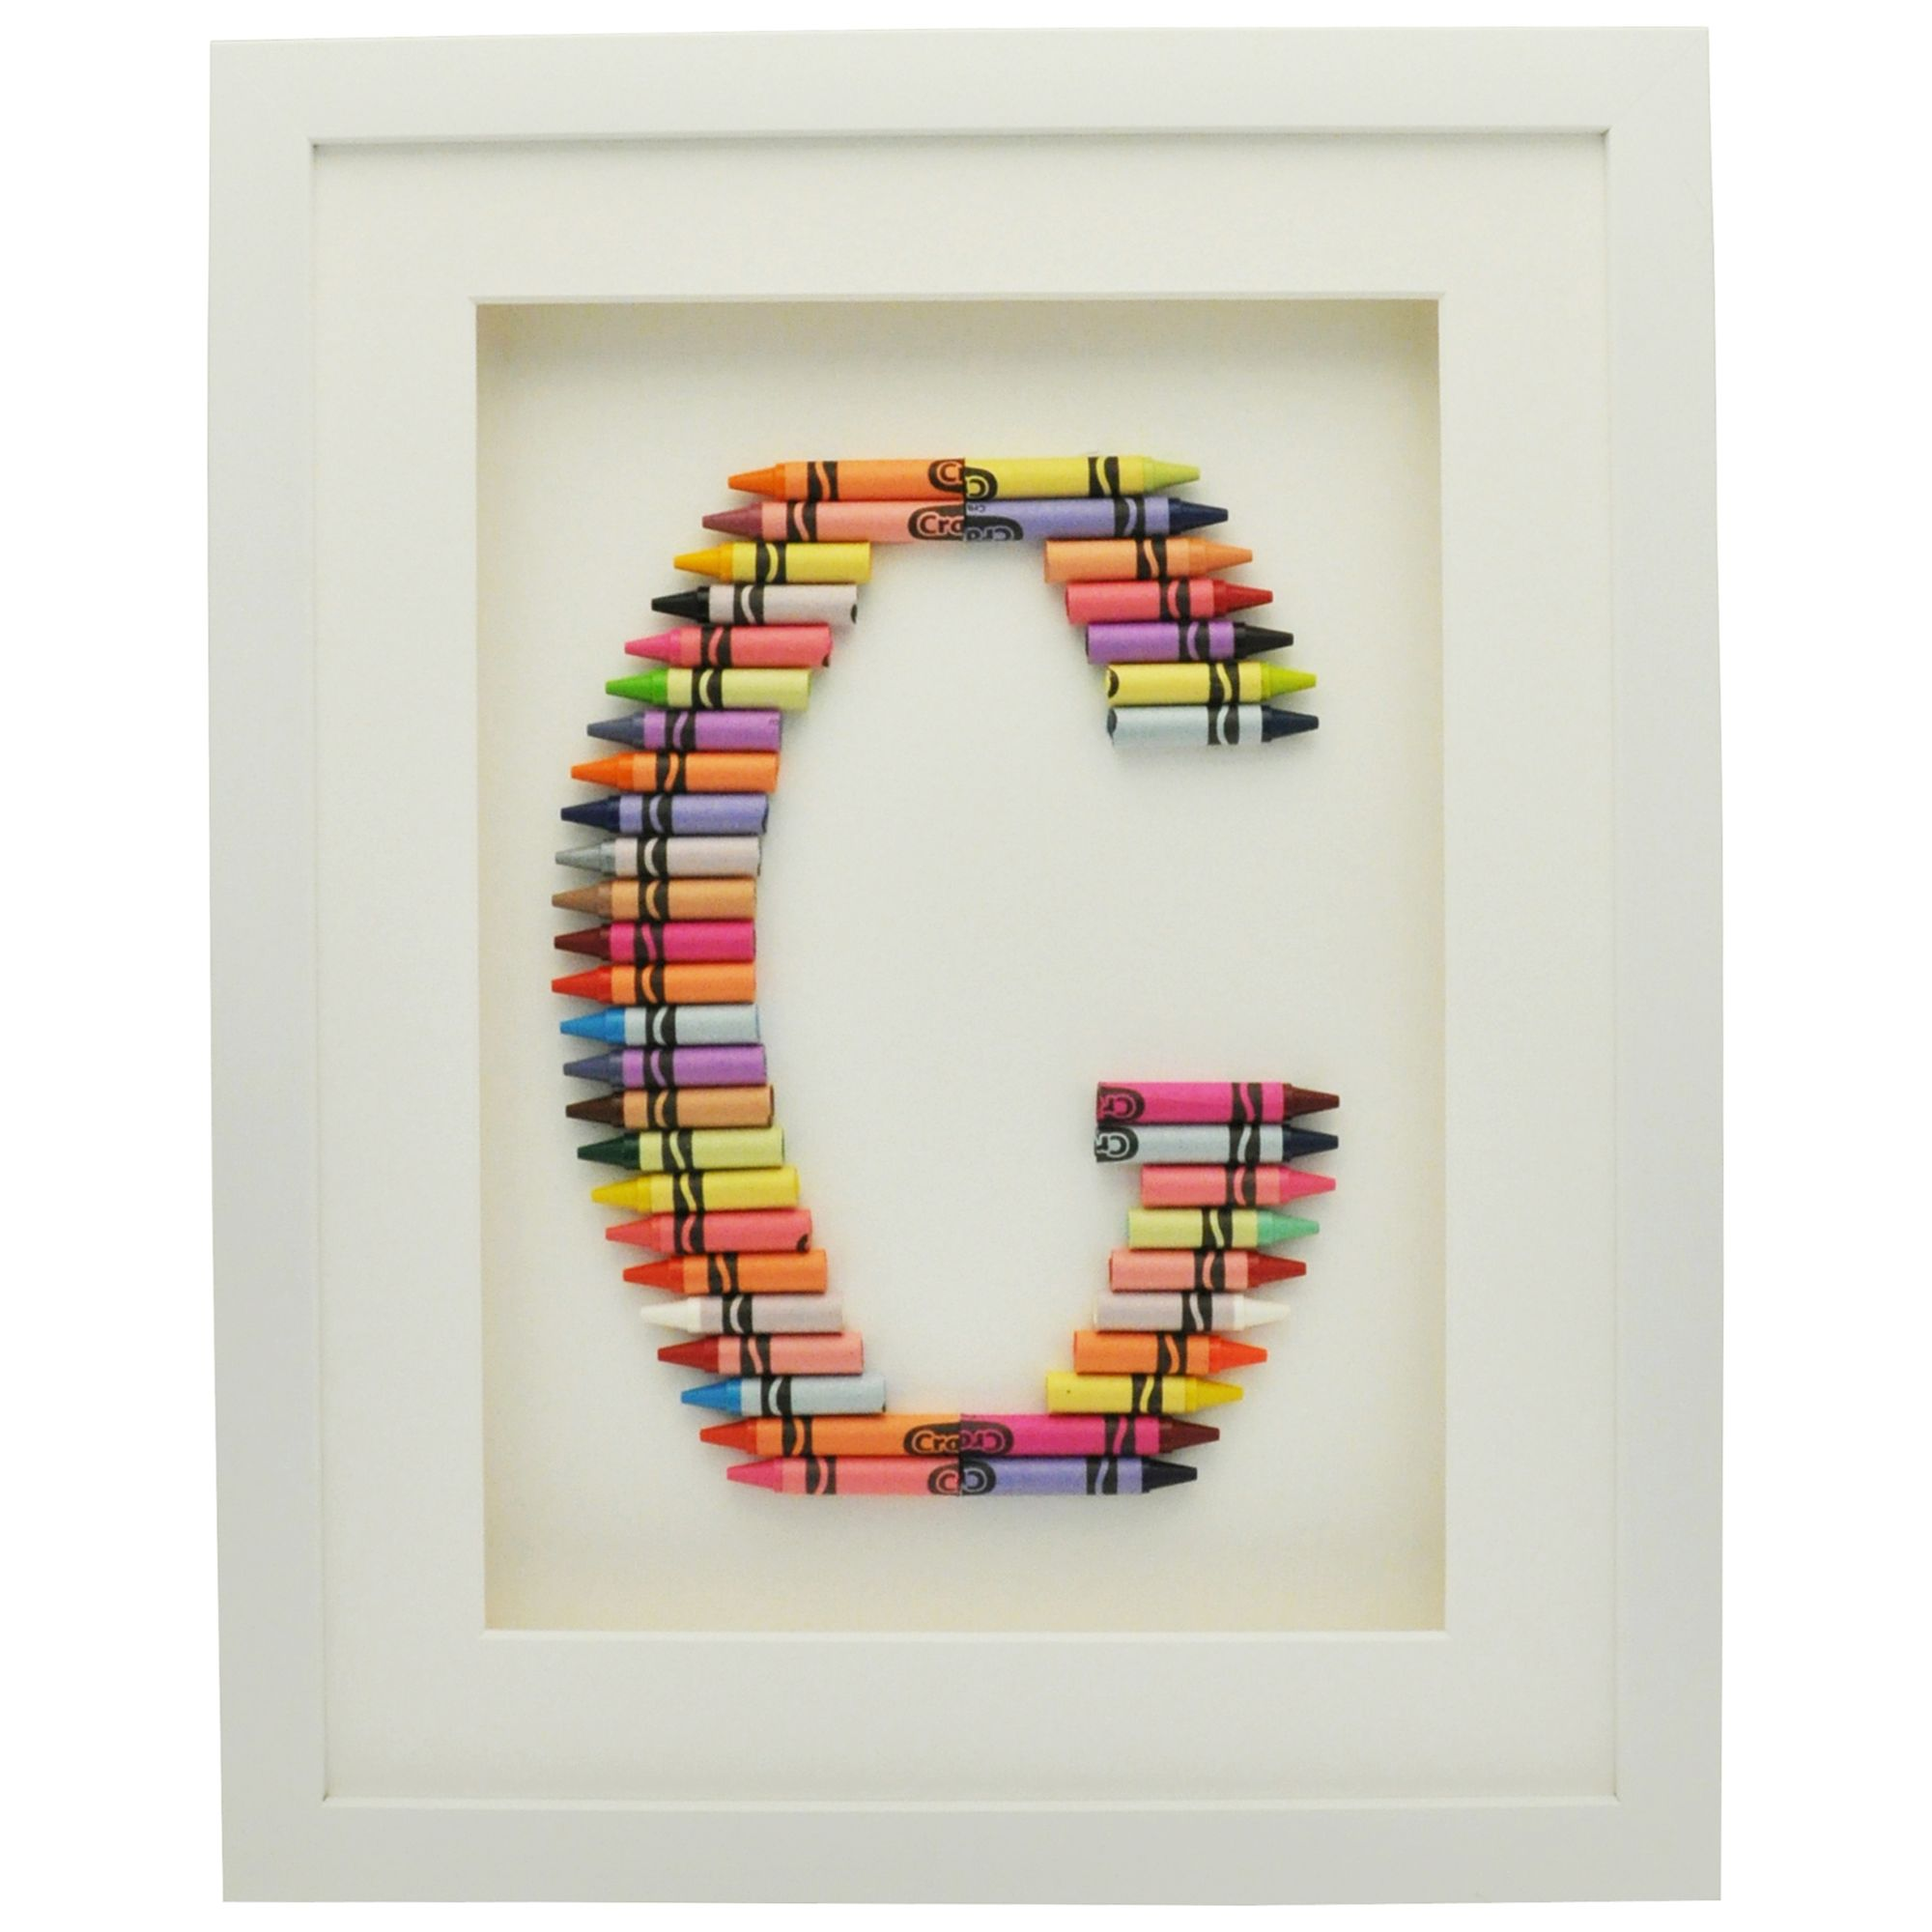 The Letteroom The Letteroom Crayon G Framed 3D Artwork, 34 x 29cm